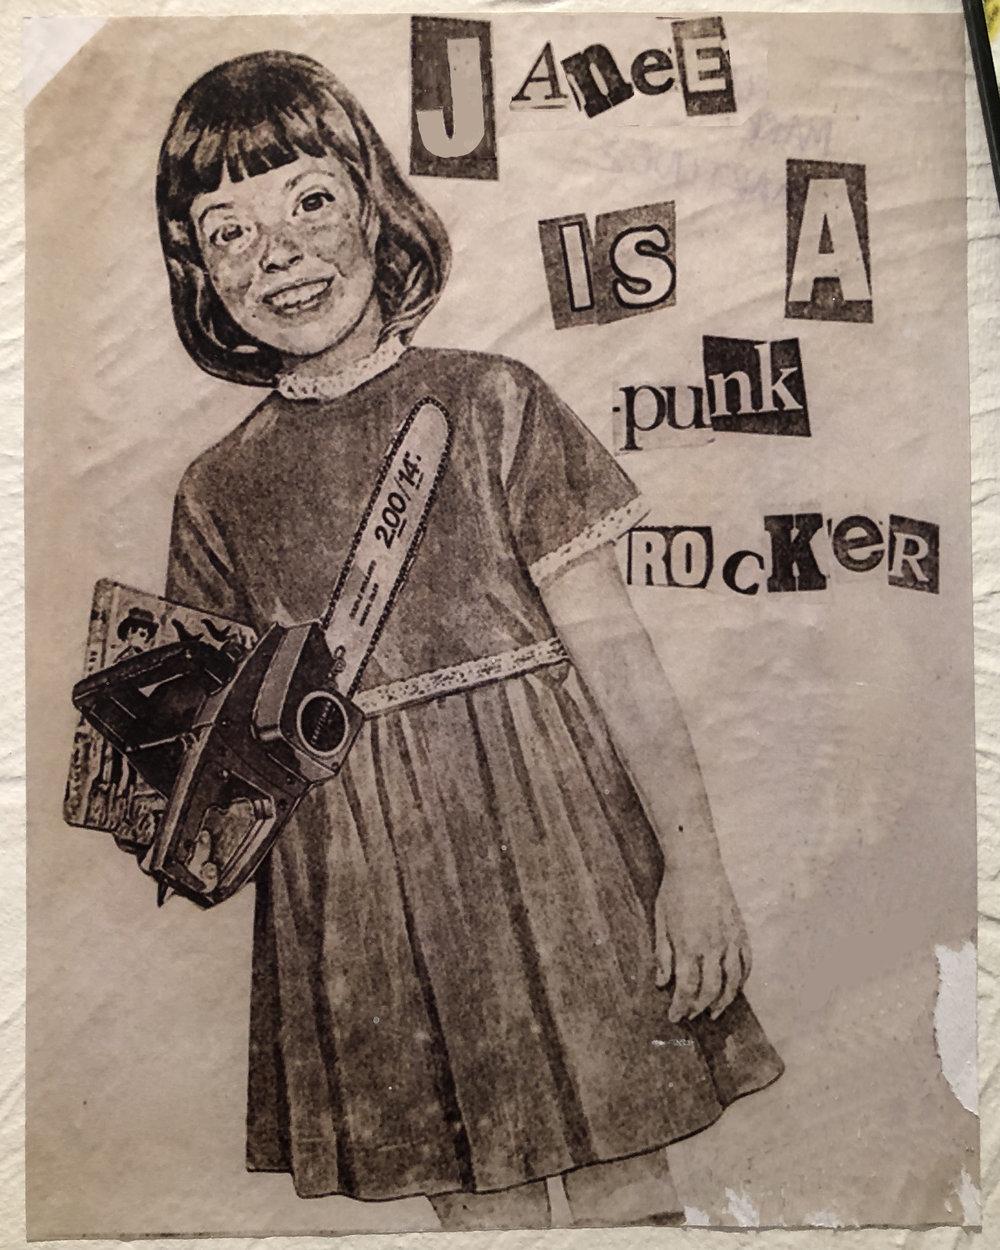 janee is a punk rocker.jpg